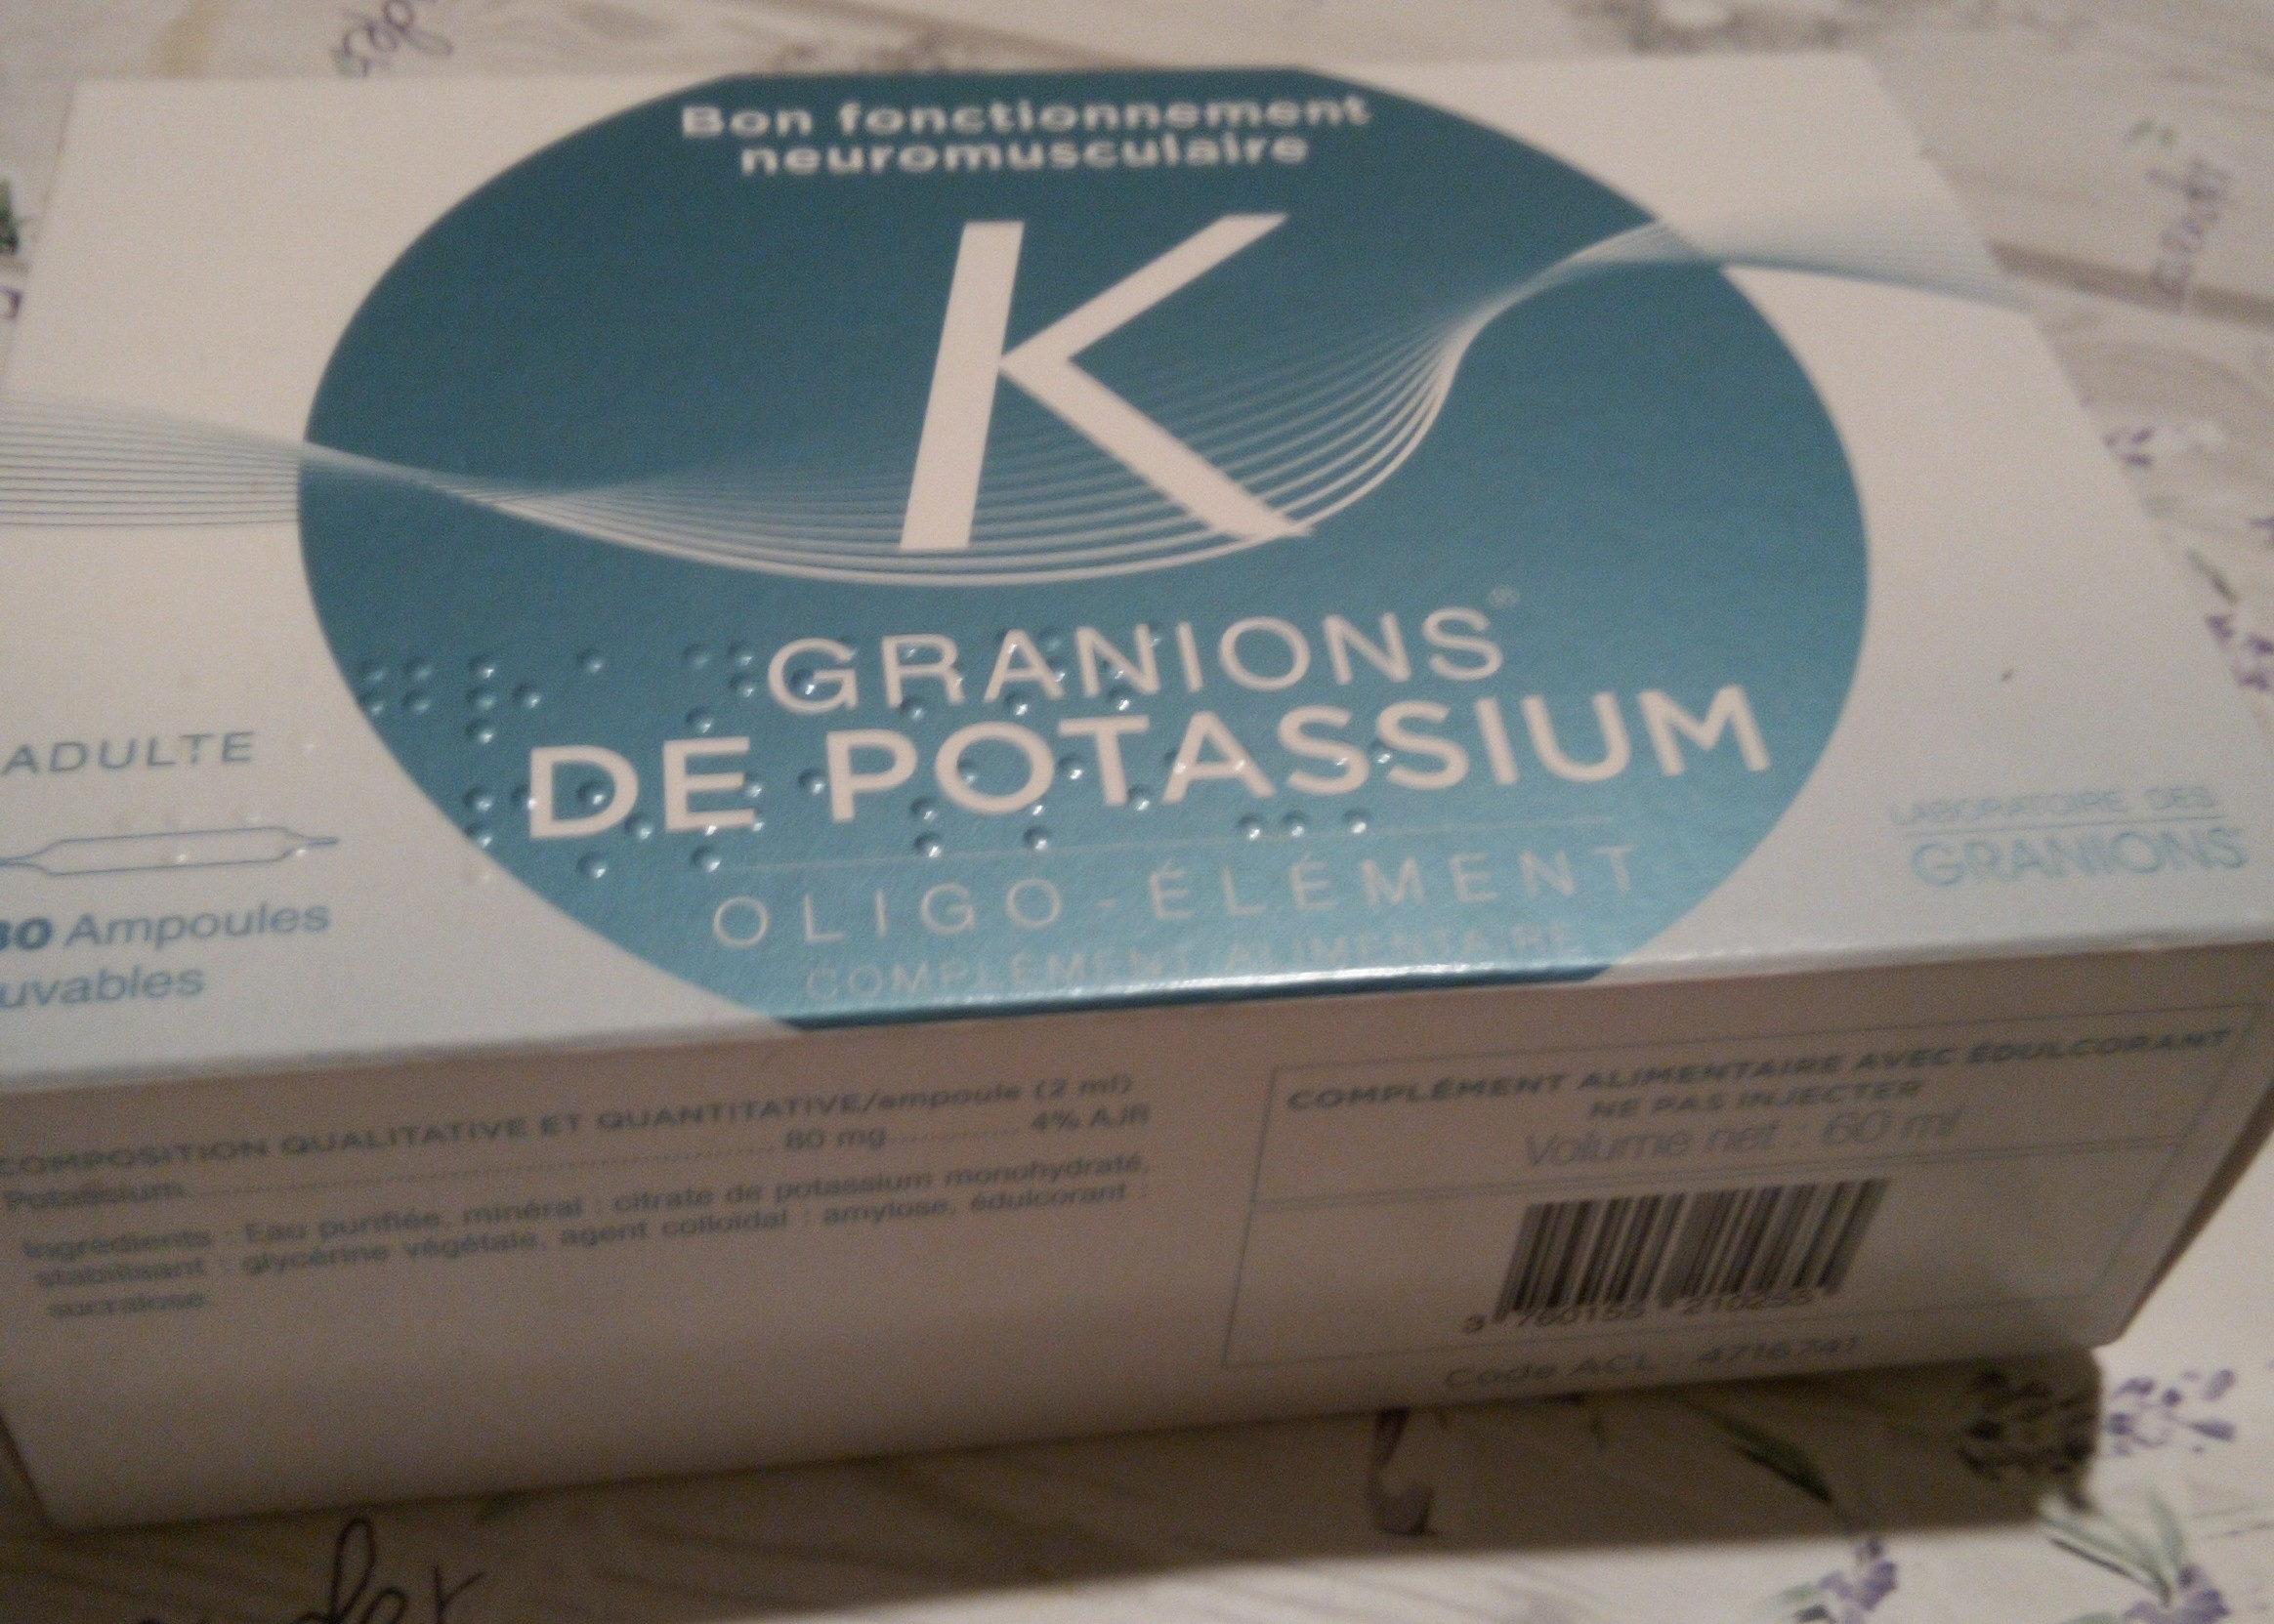 granions de potassium - Produit - fr